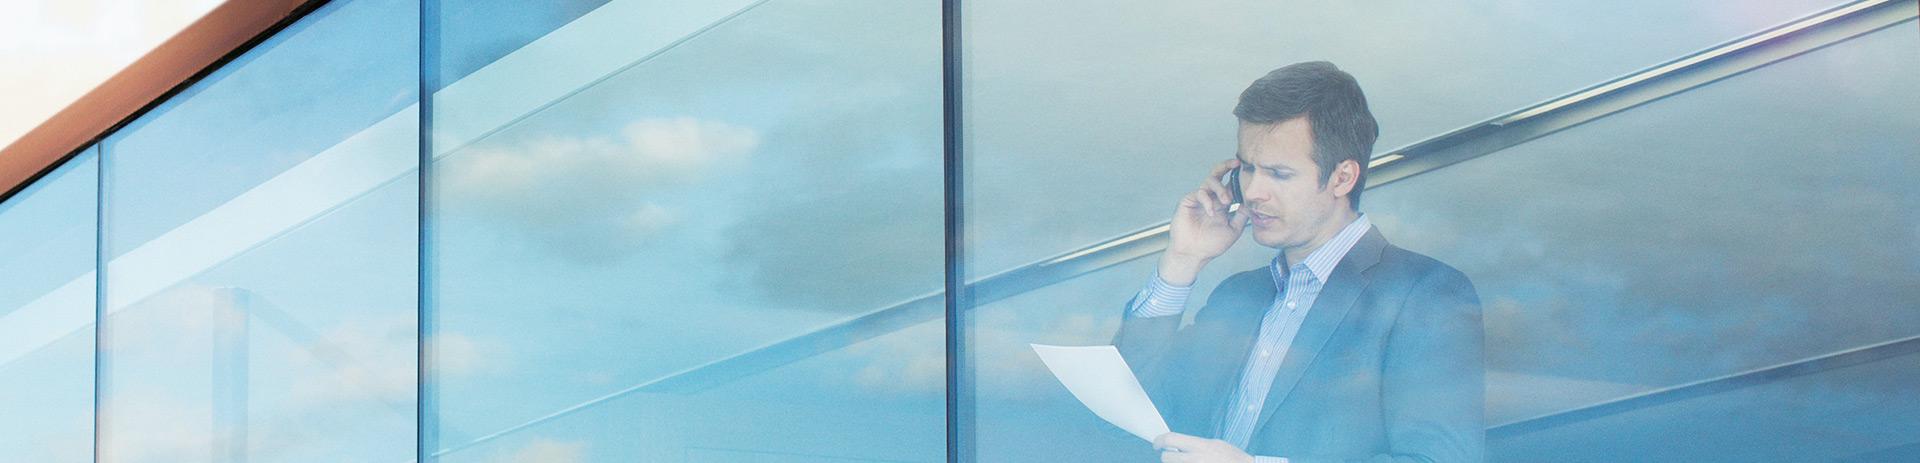 man sieht von außen in ein Bürogebäude; dahinter steht ein Mann, der telefoniert und einen Zettel in der Hand hält